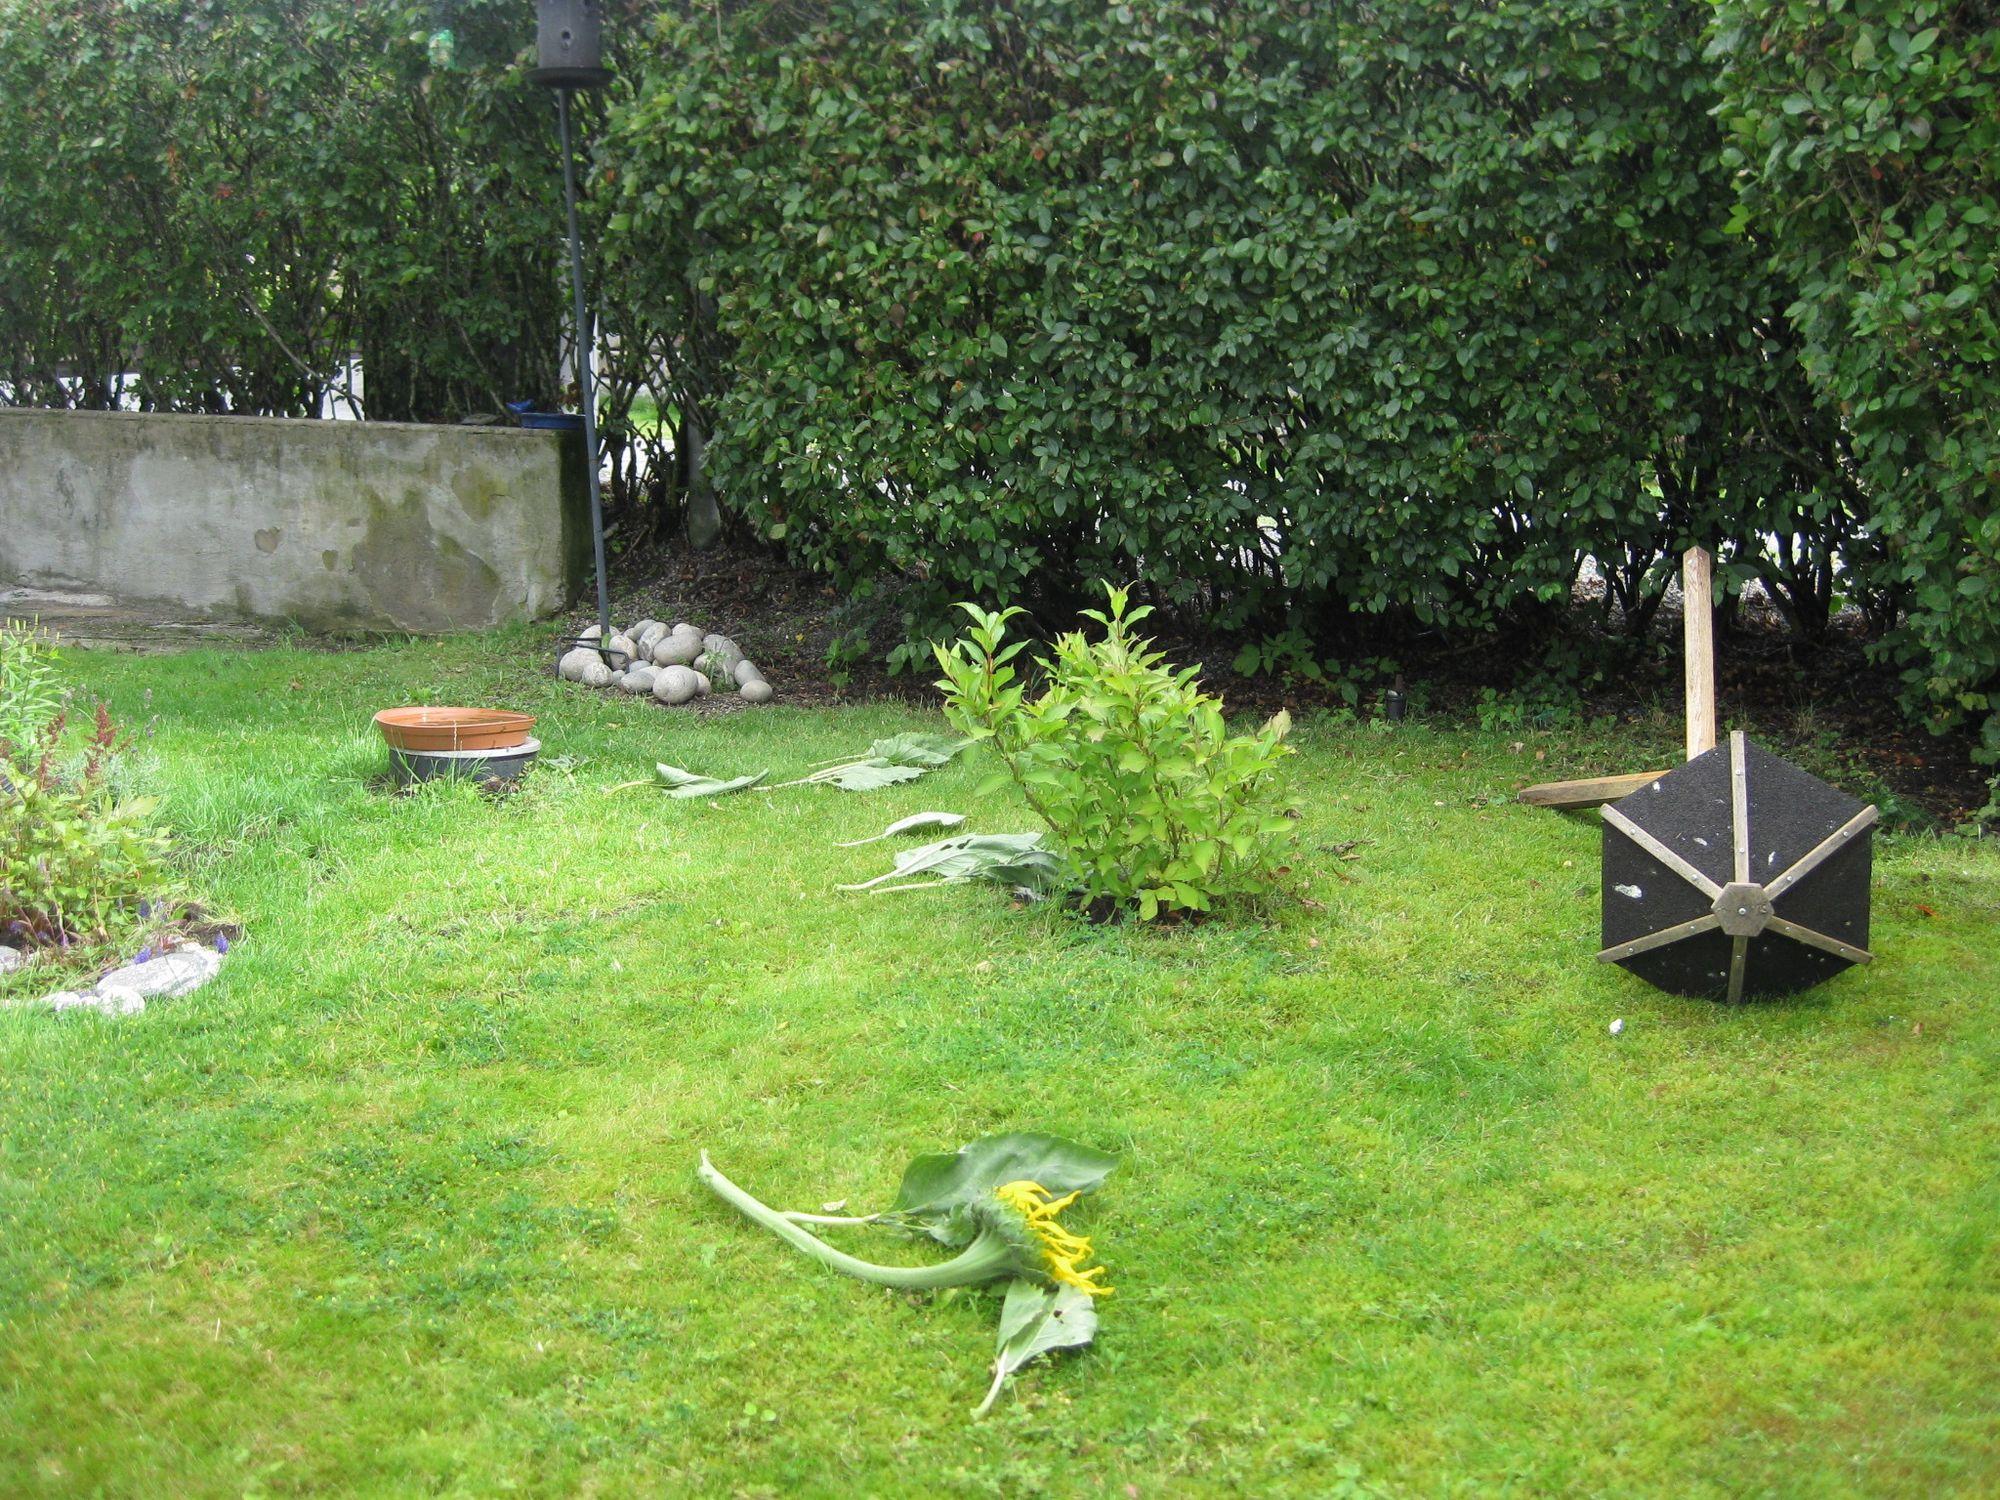 ET TRIST SYN: Slik så det ut i hagen til innsenderen av bildene. Noen har åpenbart herjet godt mens de var borte.